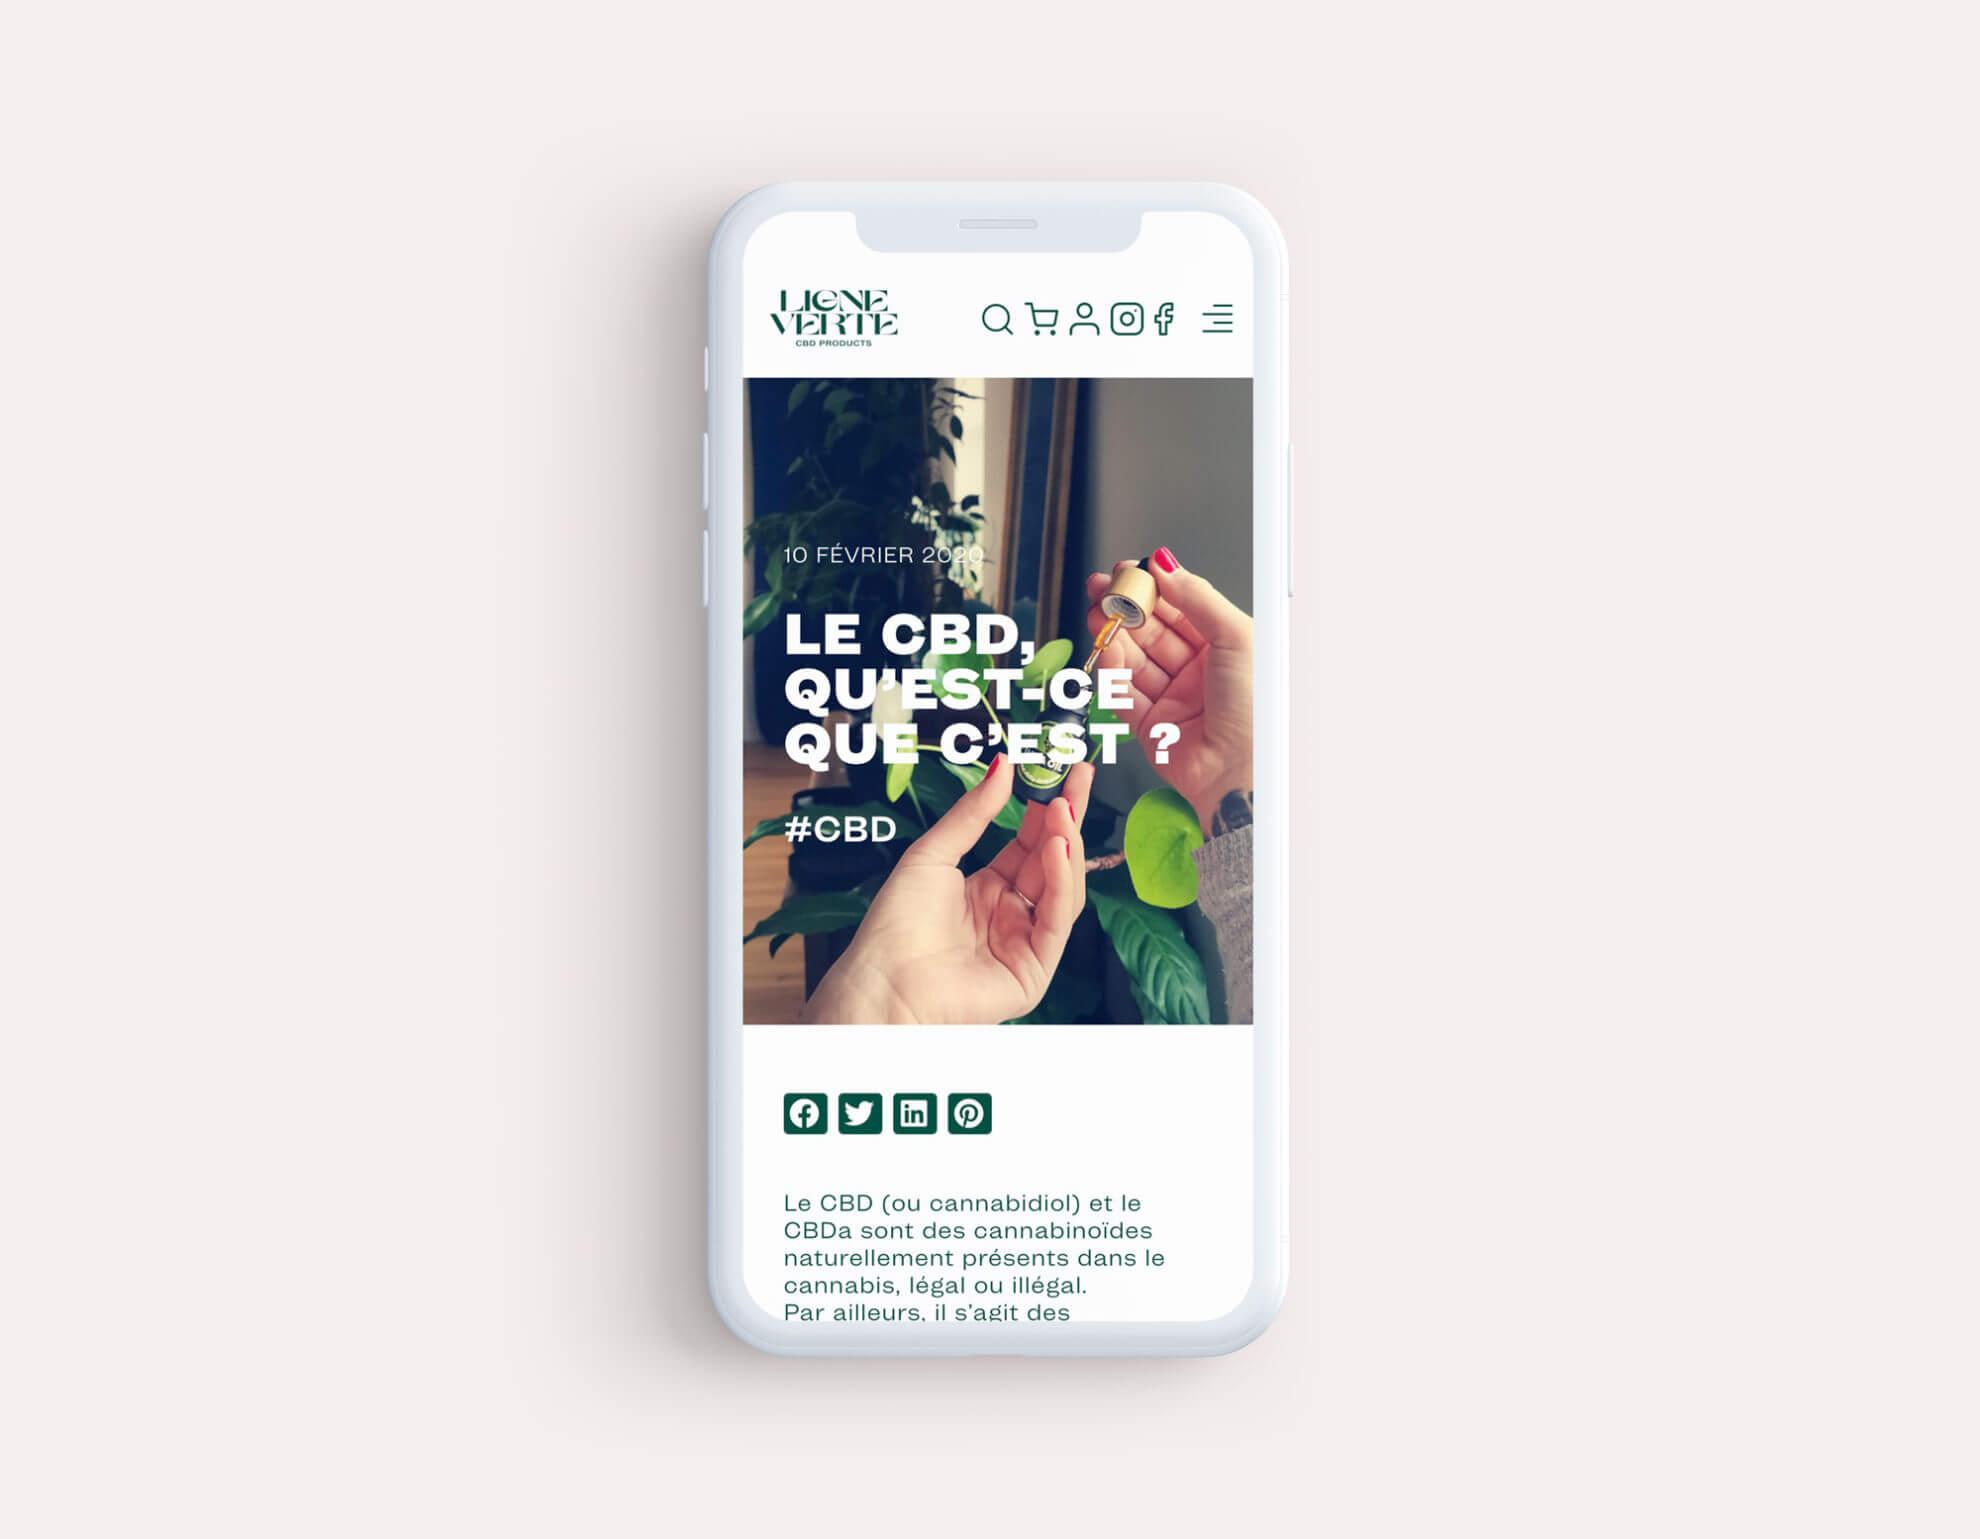 lezardscreation agence communication publicite vosges remiremont lignevertecbd lv